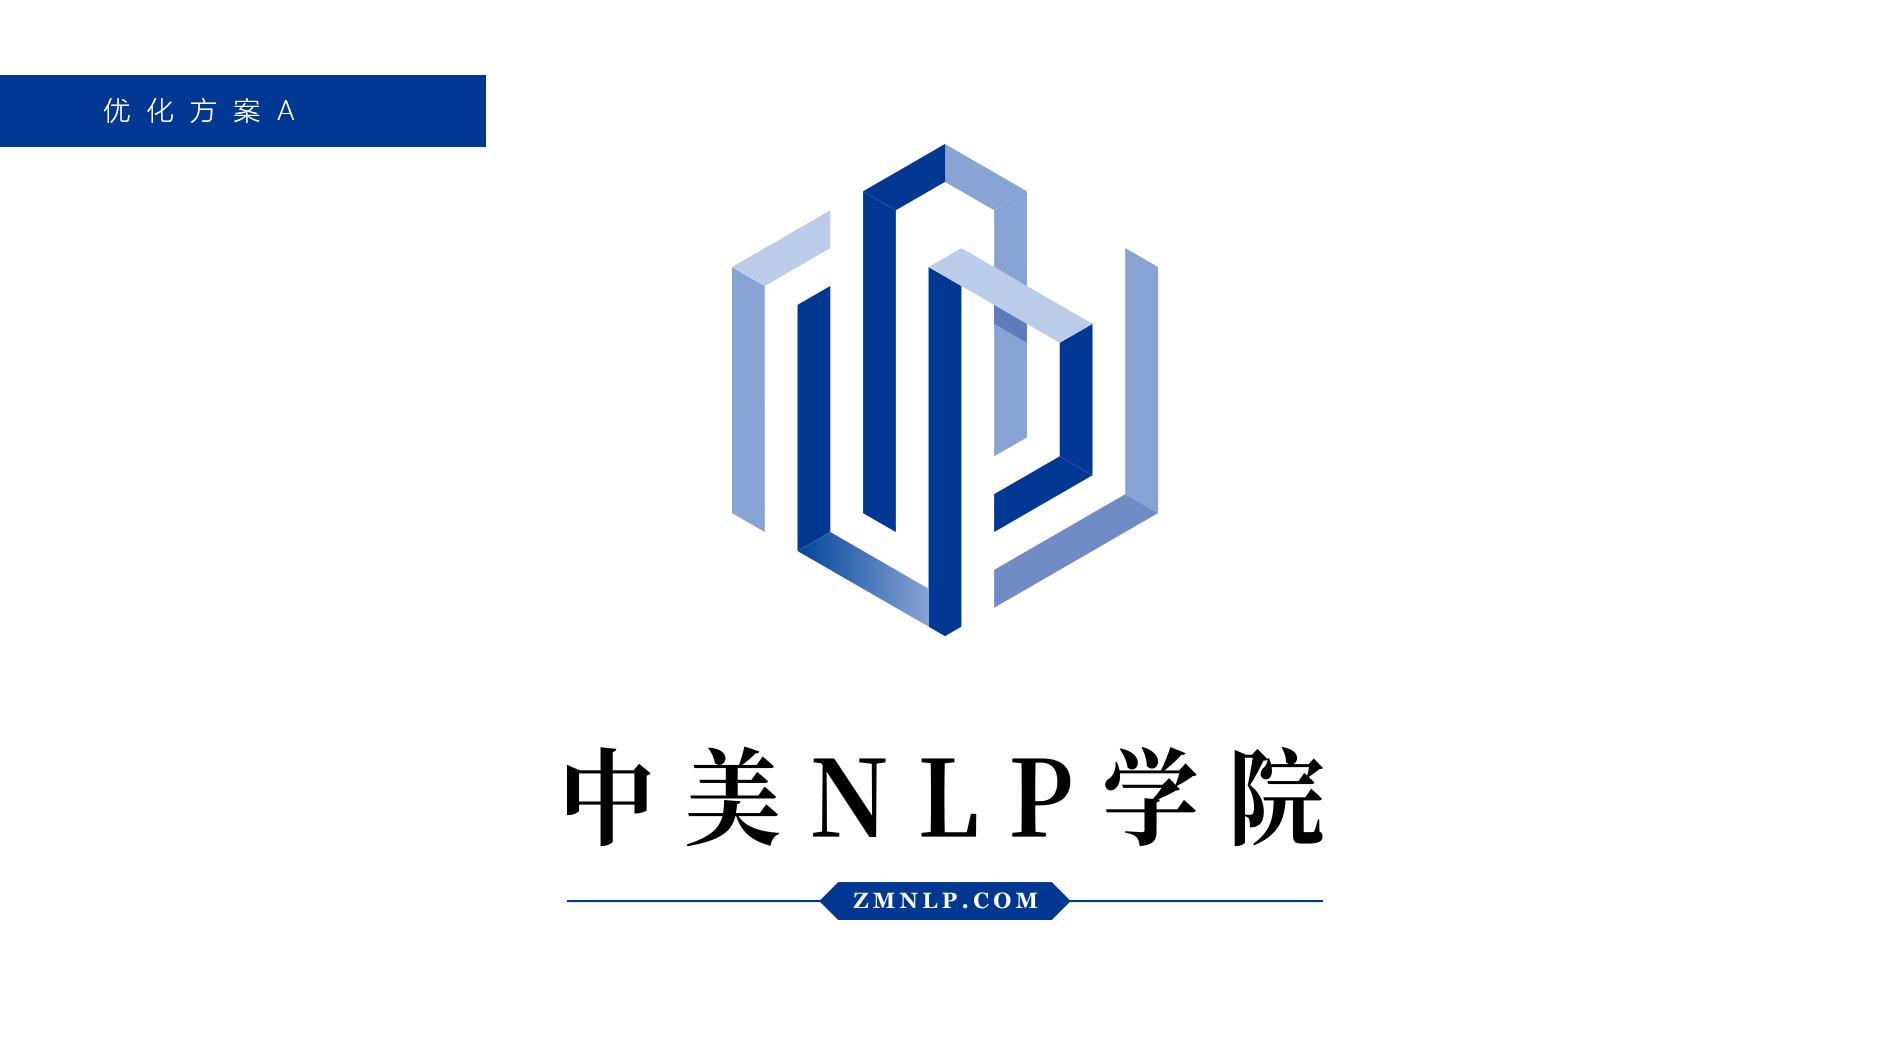 中美NLP学院LOGO设计